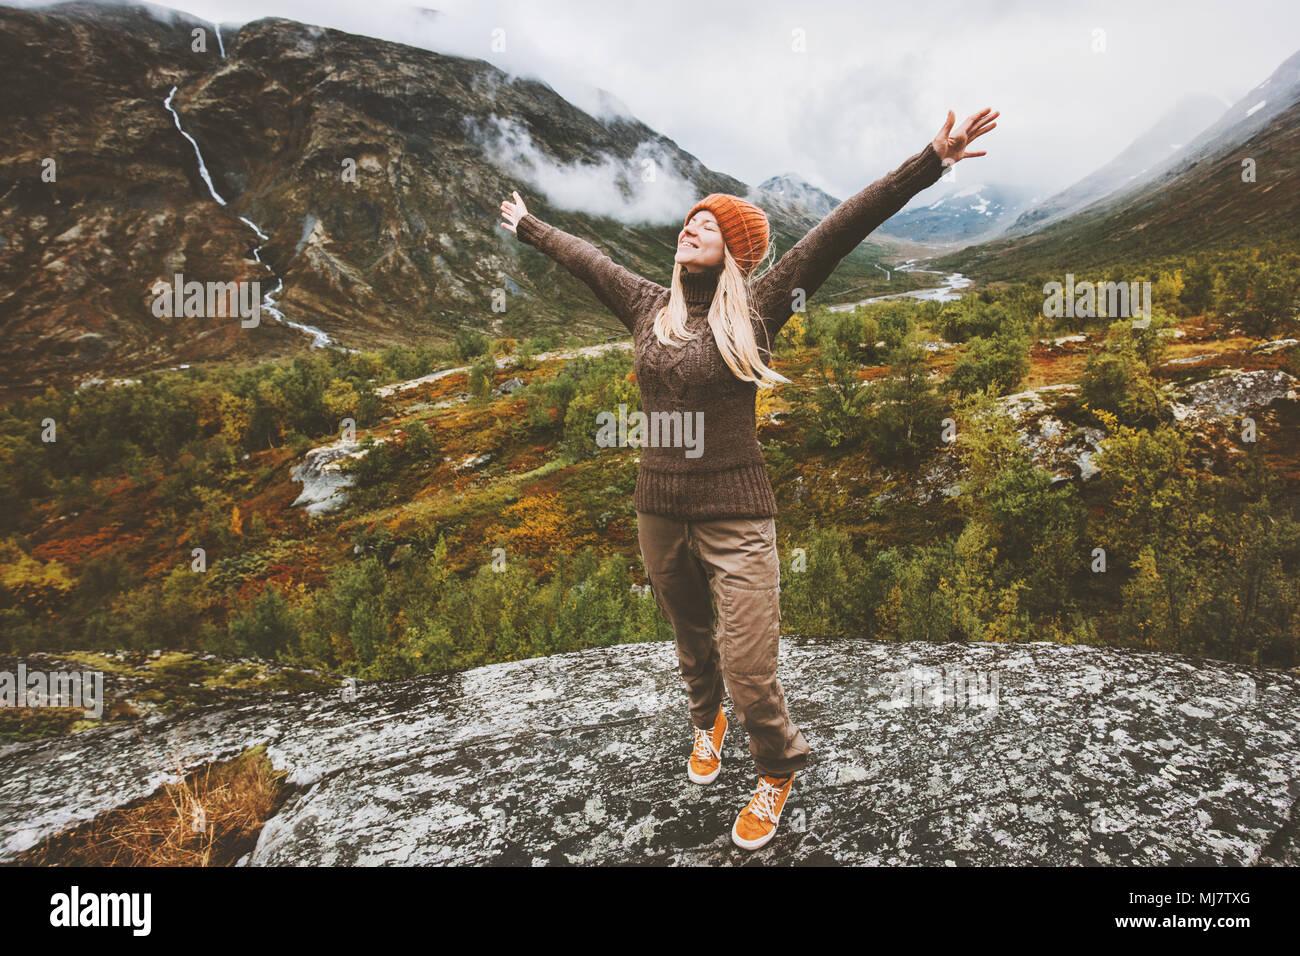 Mujer feliz viajero manos levantadas caminando en las montañas de bosque aventura Viajes Vacaciones en concepto de estilo de vida saludable Imagen De Stock